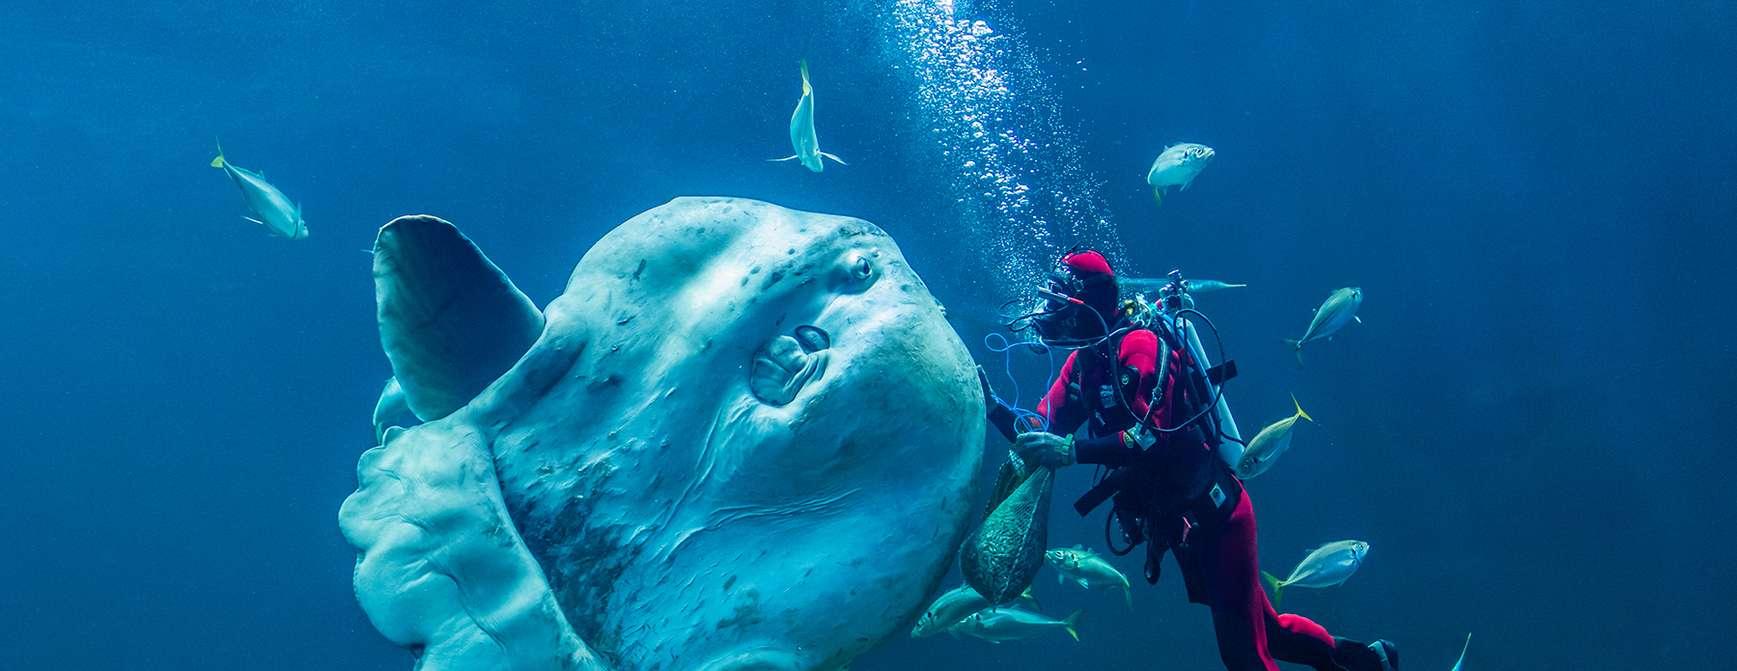 dykker med kjempefisk